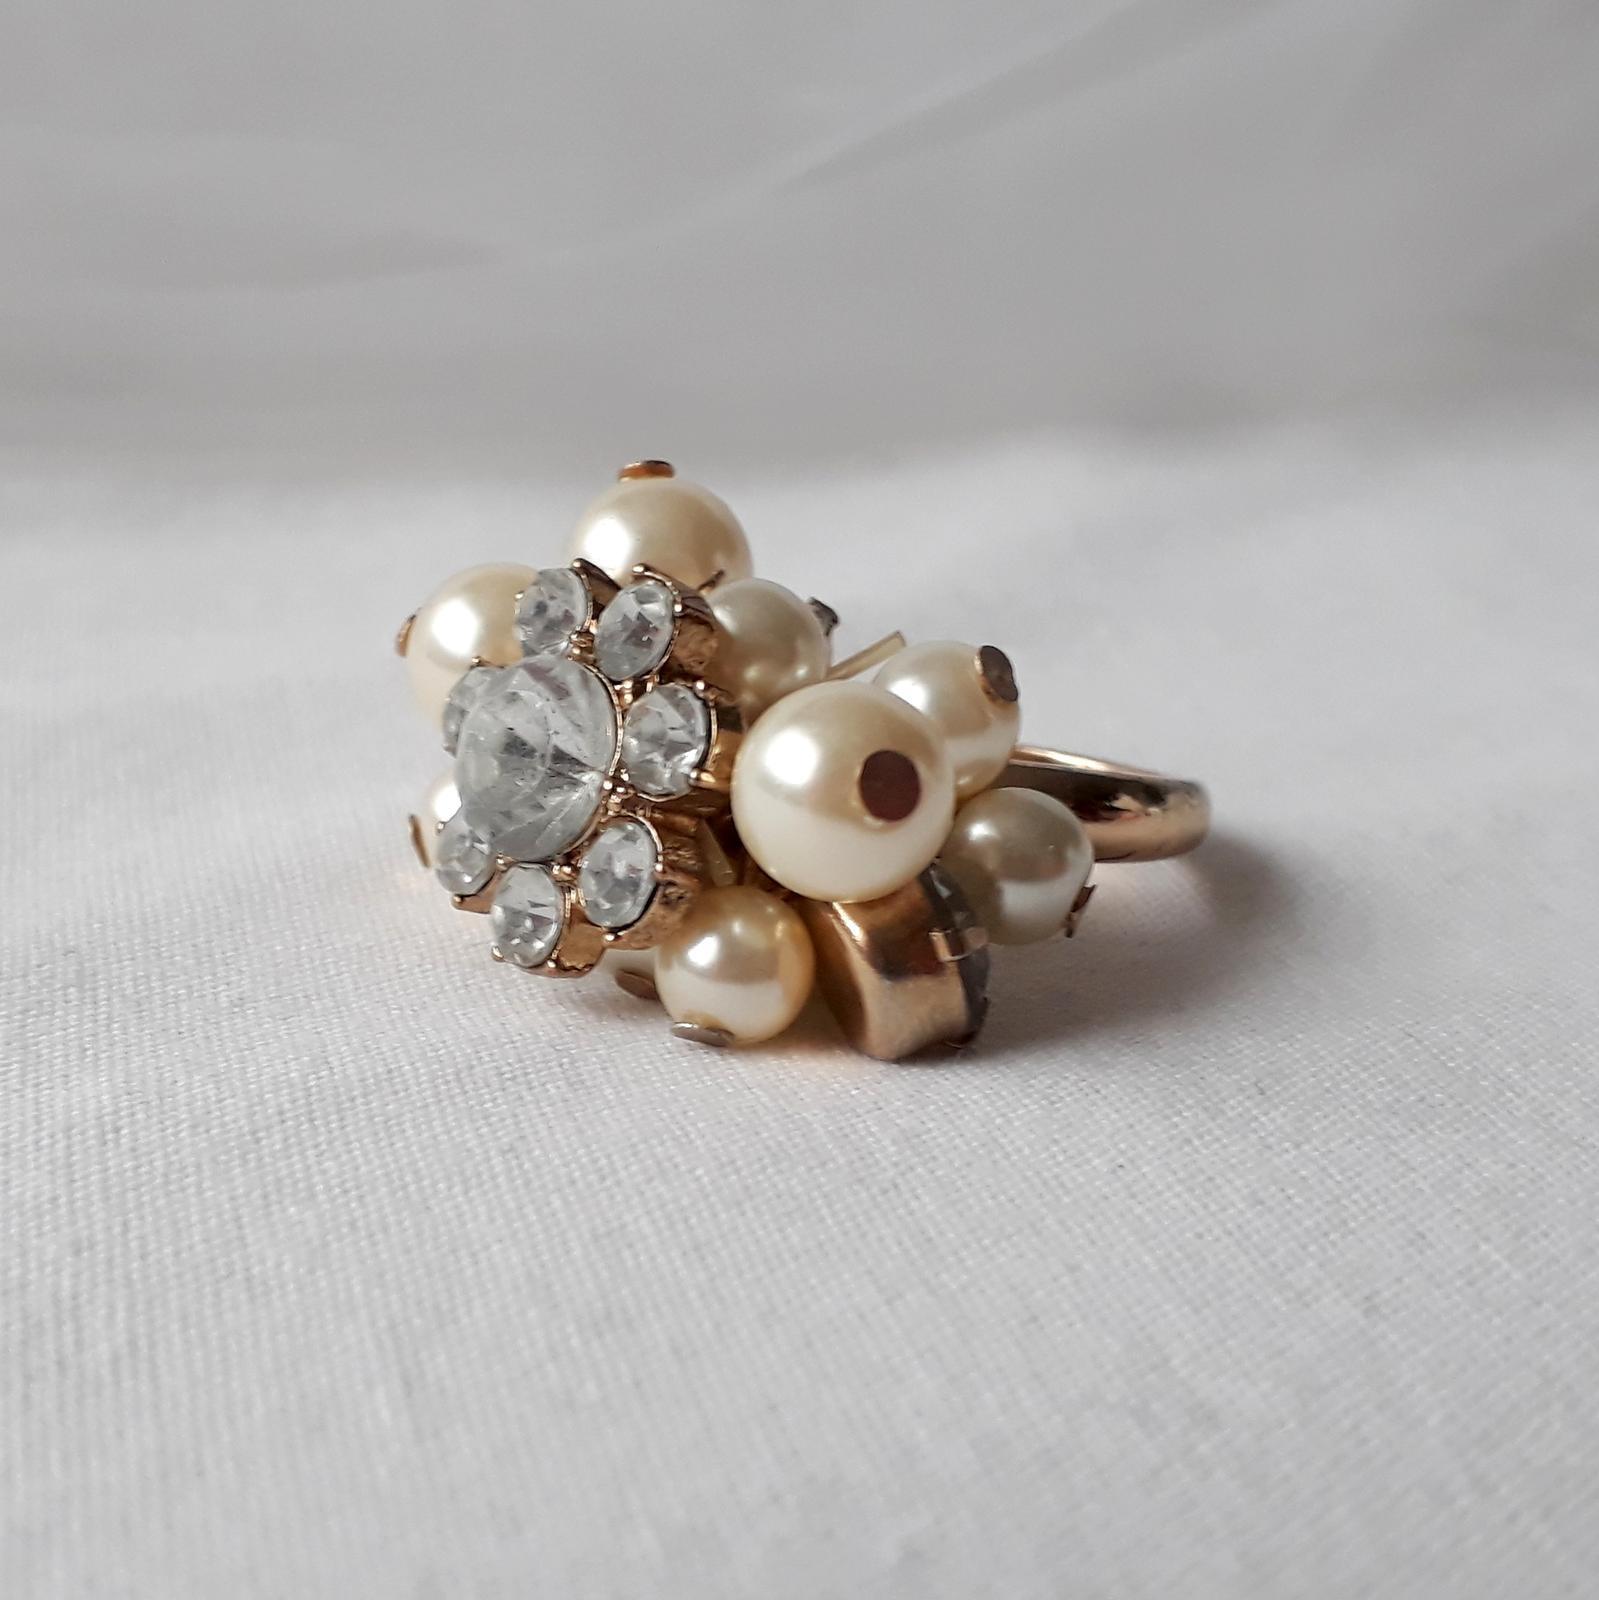 Zlatý prstýnek s perličkami - Obrázek č. 4